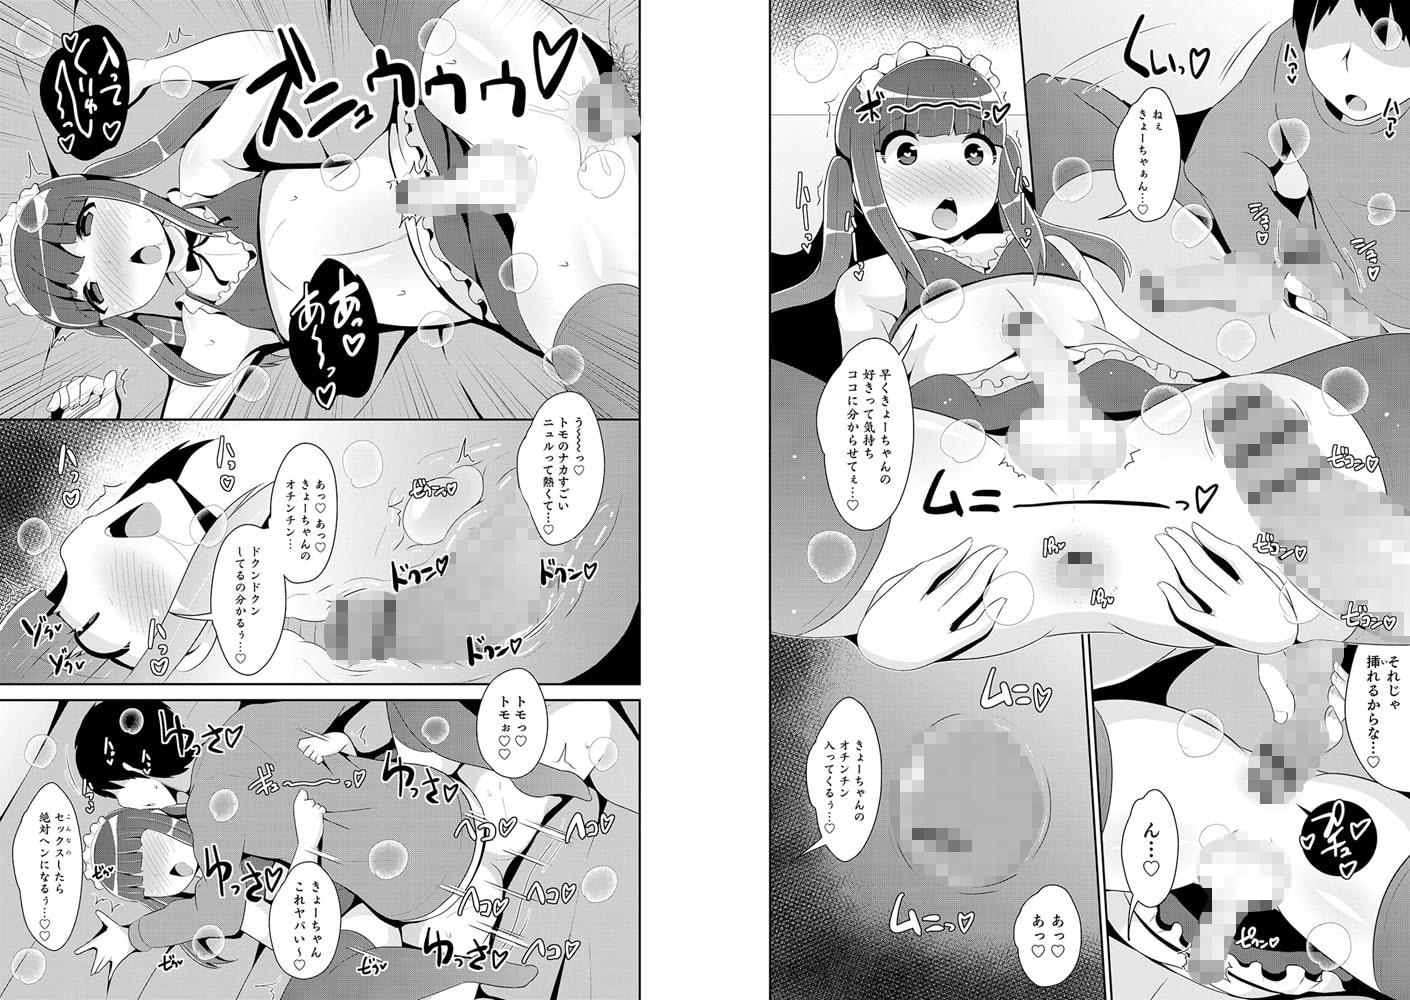 オトコのコHEAVEN Vol.50 コスプレ!?制服天使 男の娘